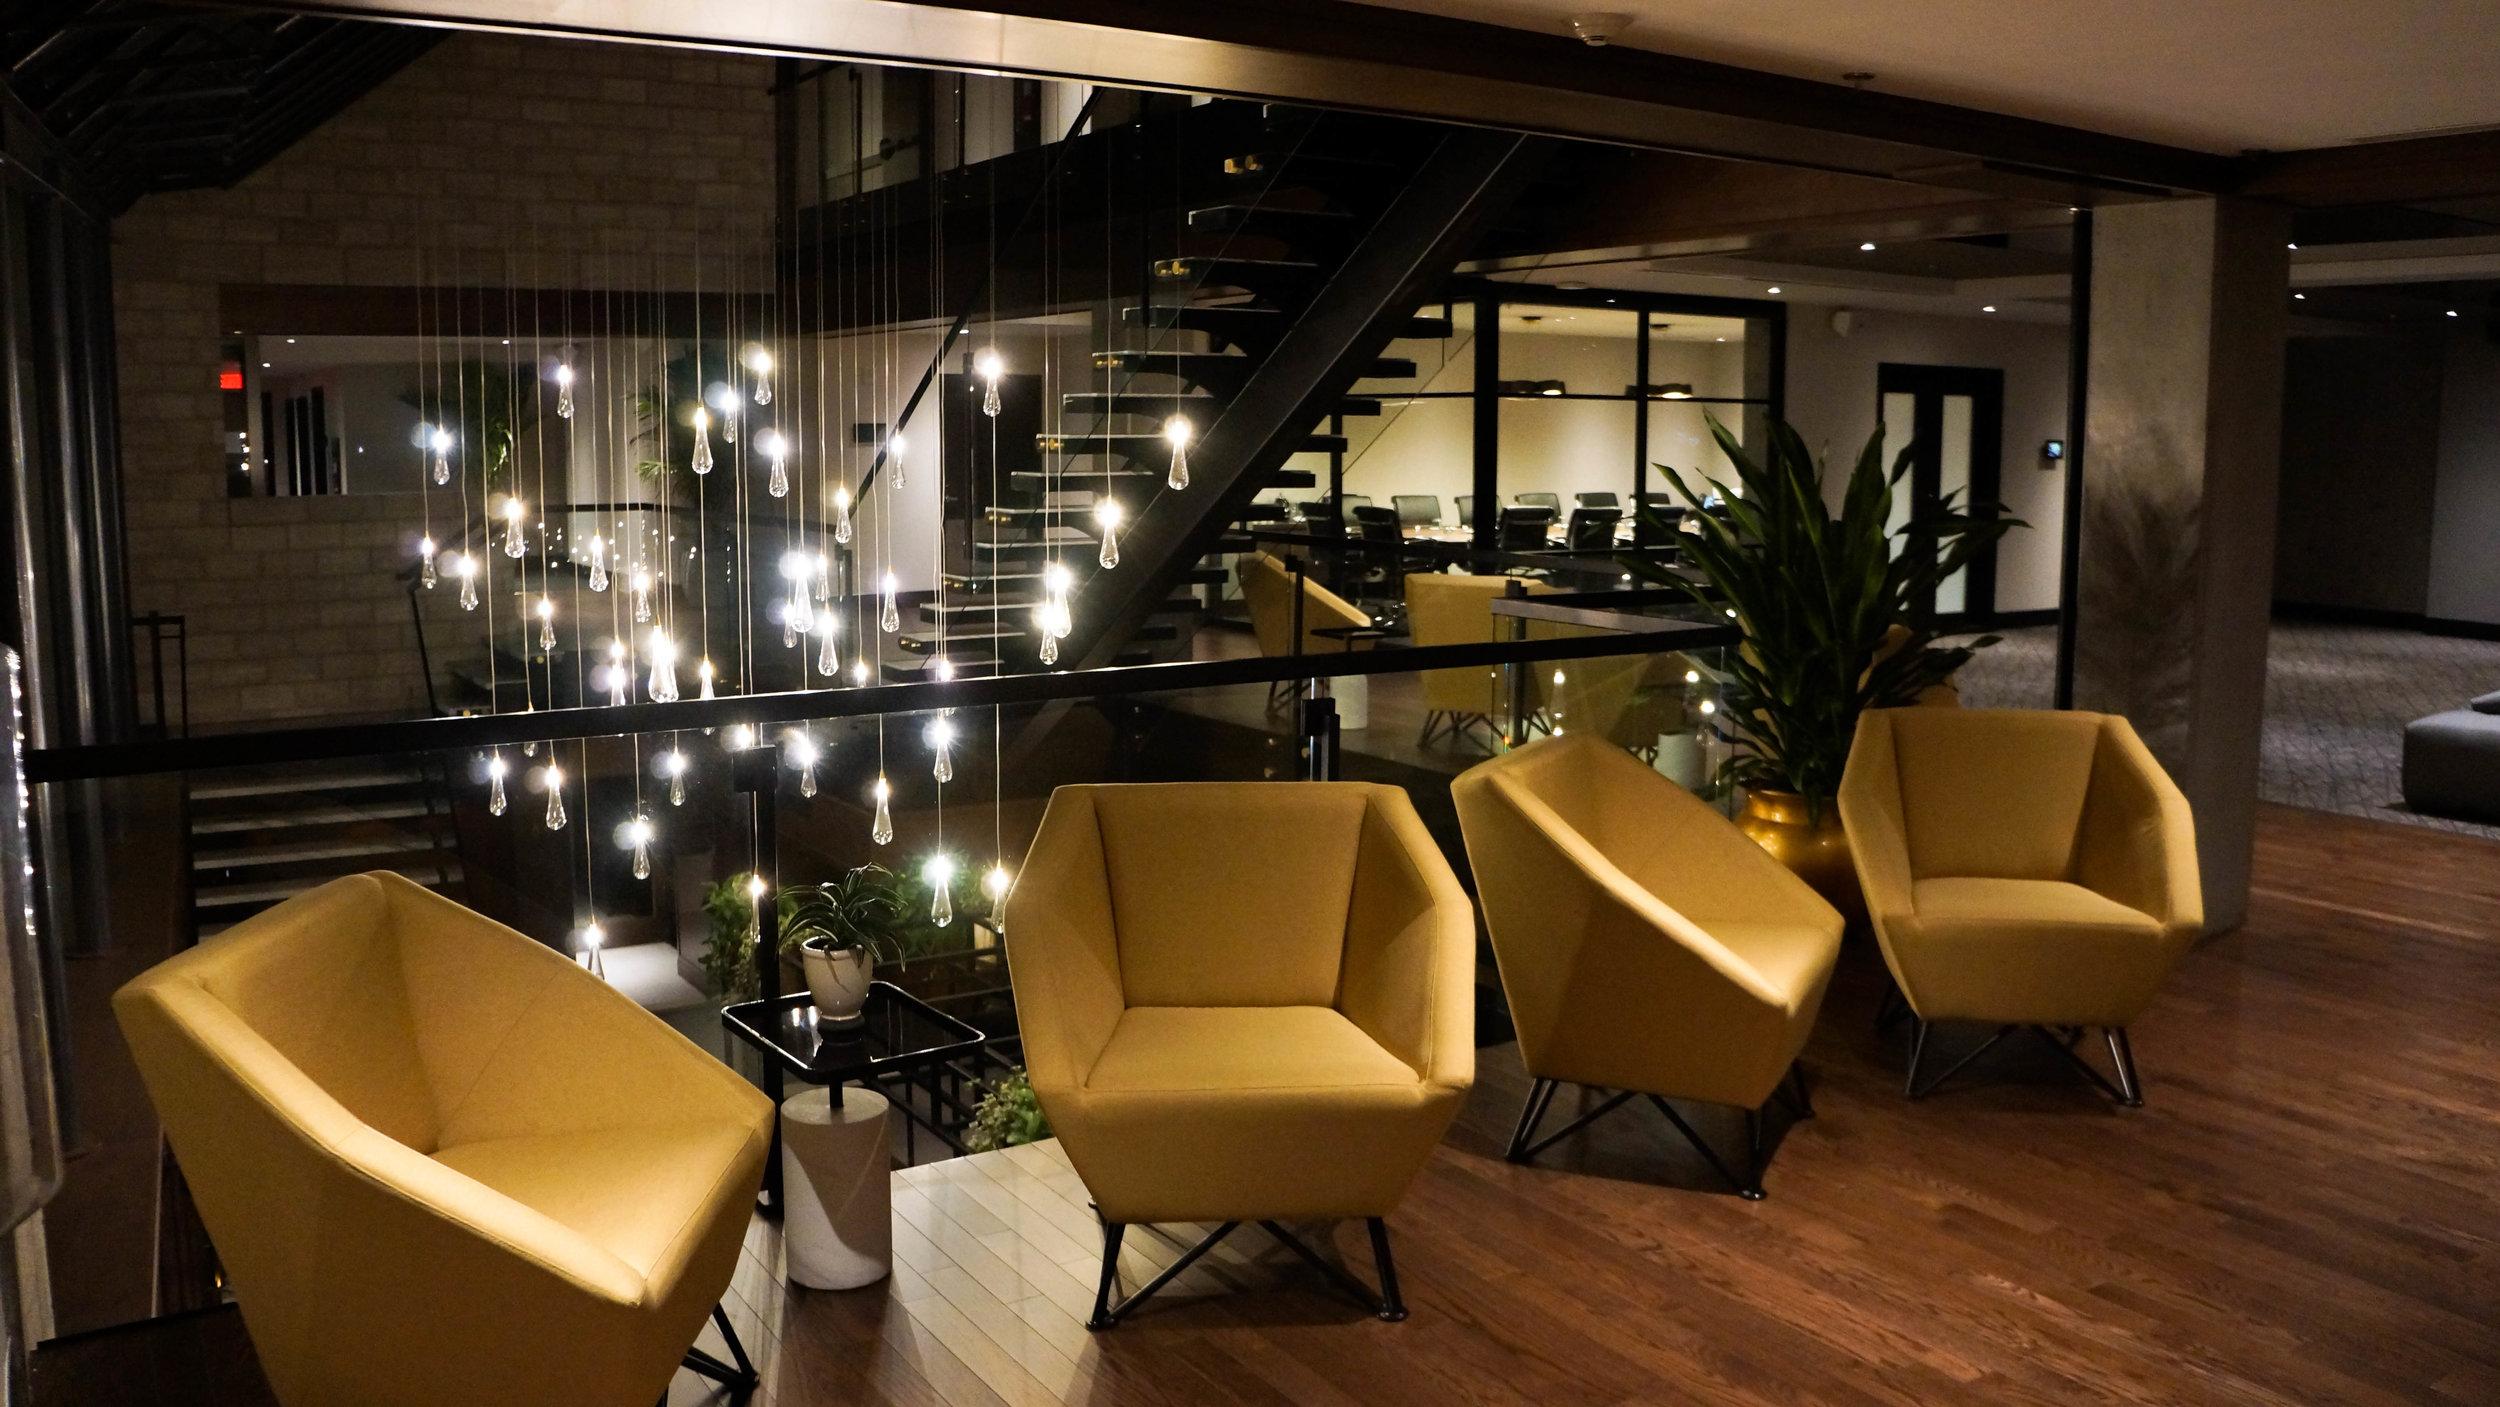 Decor in Hotel William Gray